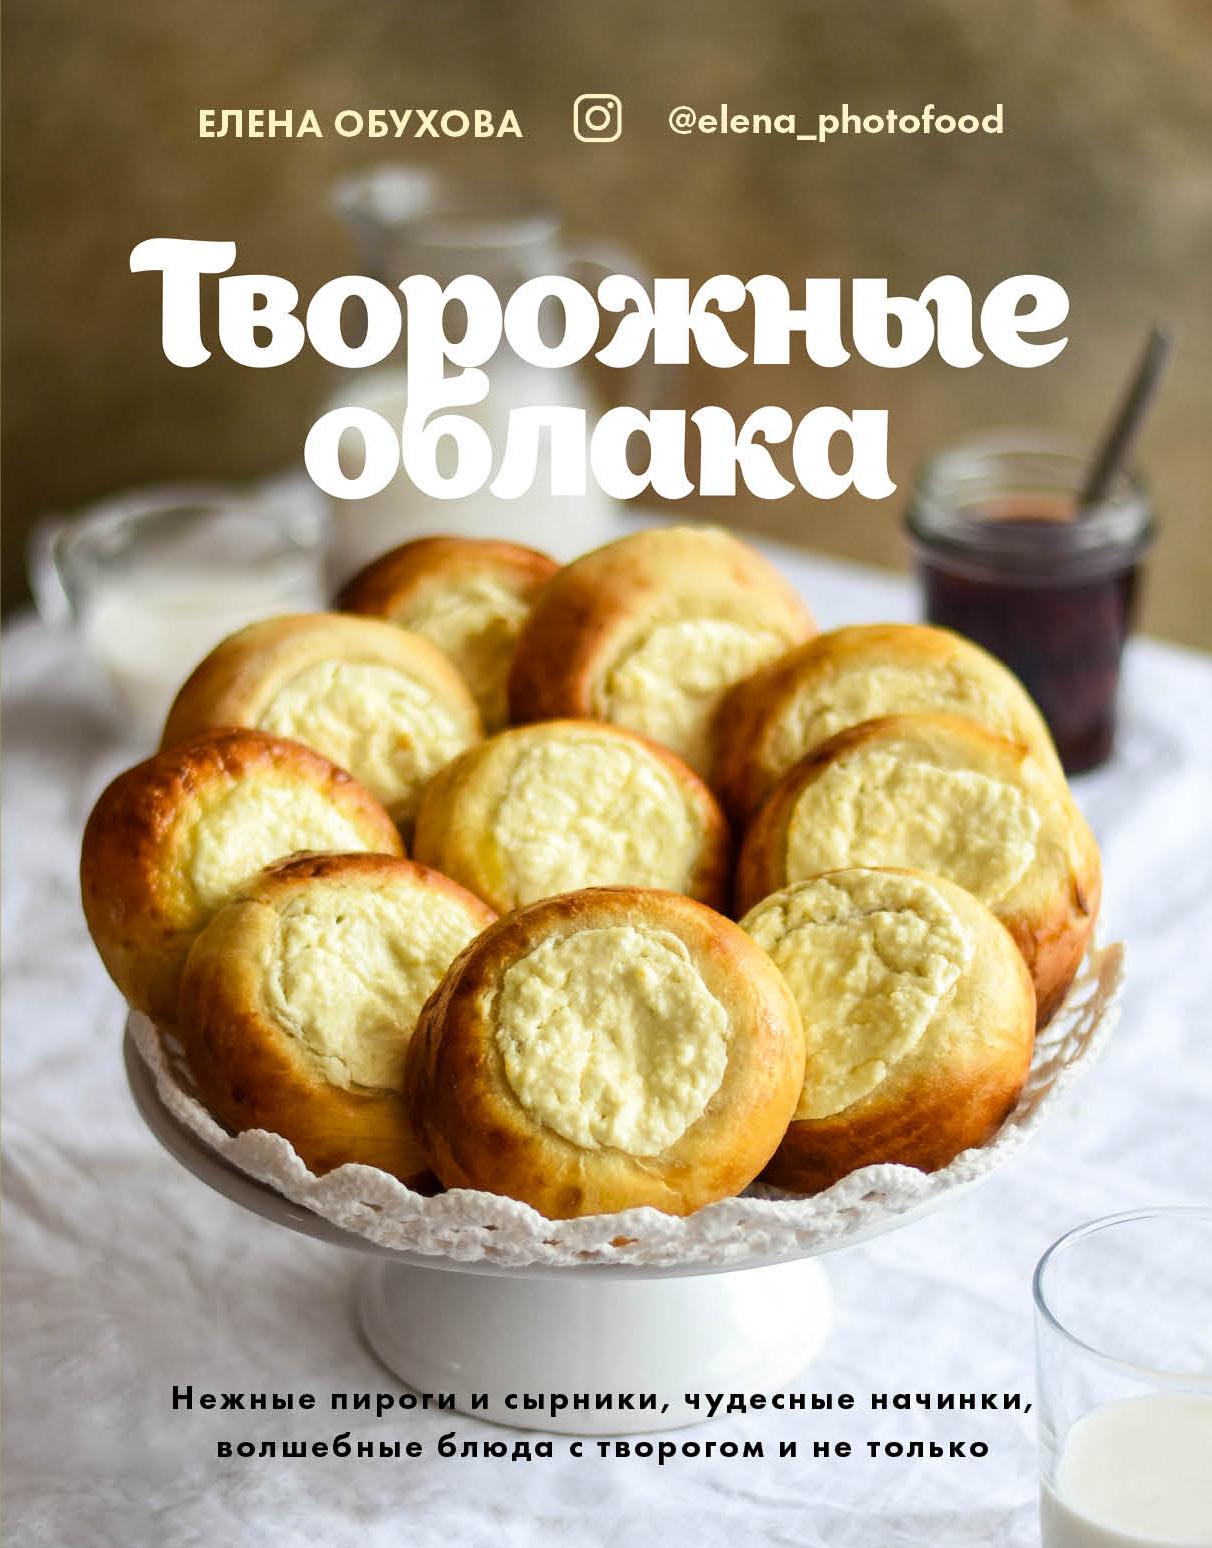 Купить книгу Творожные облака. Нежные пироги и сырники, чудесные начинки, волшебные блюда с творогом и не только, автора